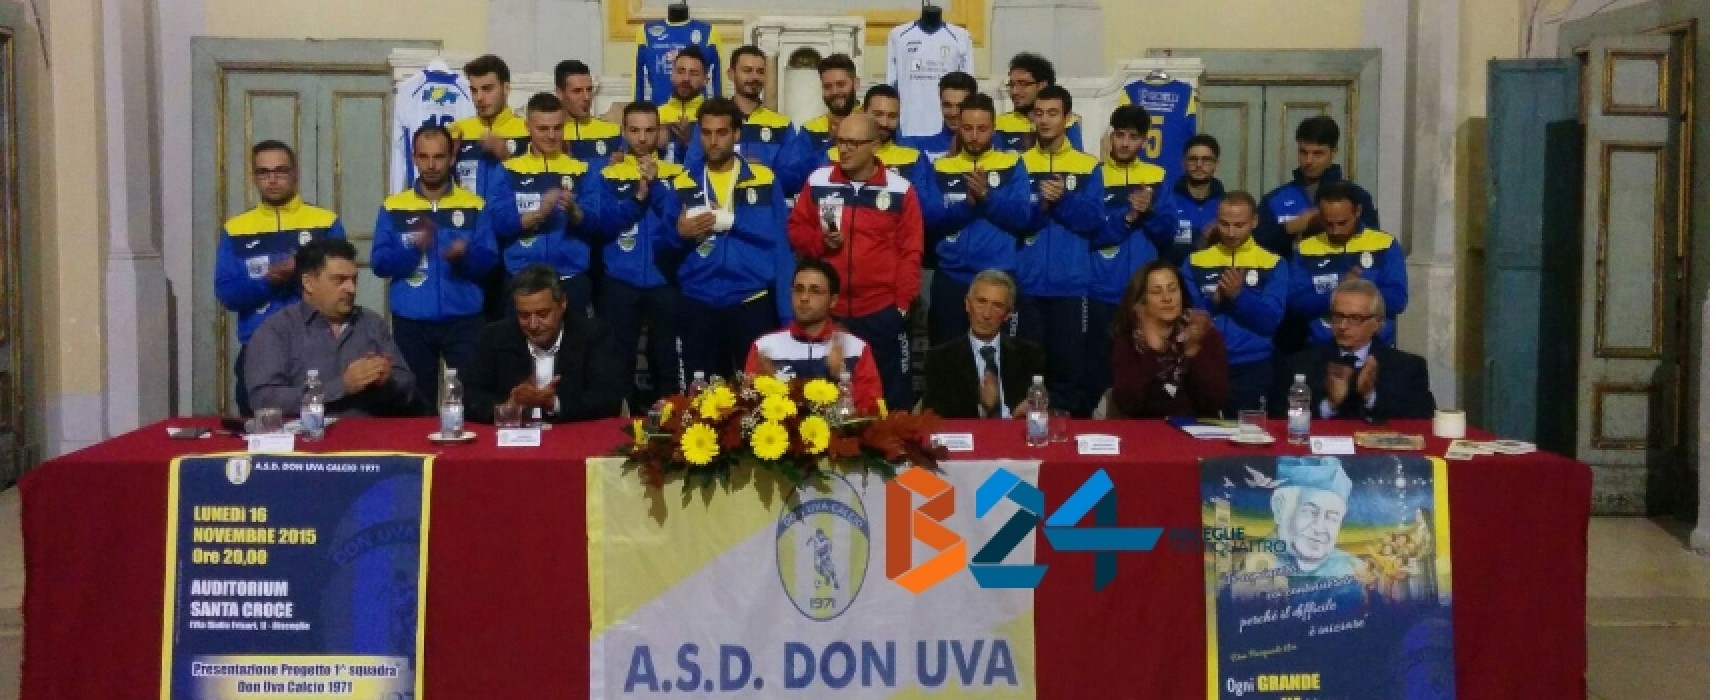 Dodici ragazzi del Don Uva Calcio in pre-ritiro a Collecchio ospiti del Parma